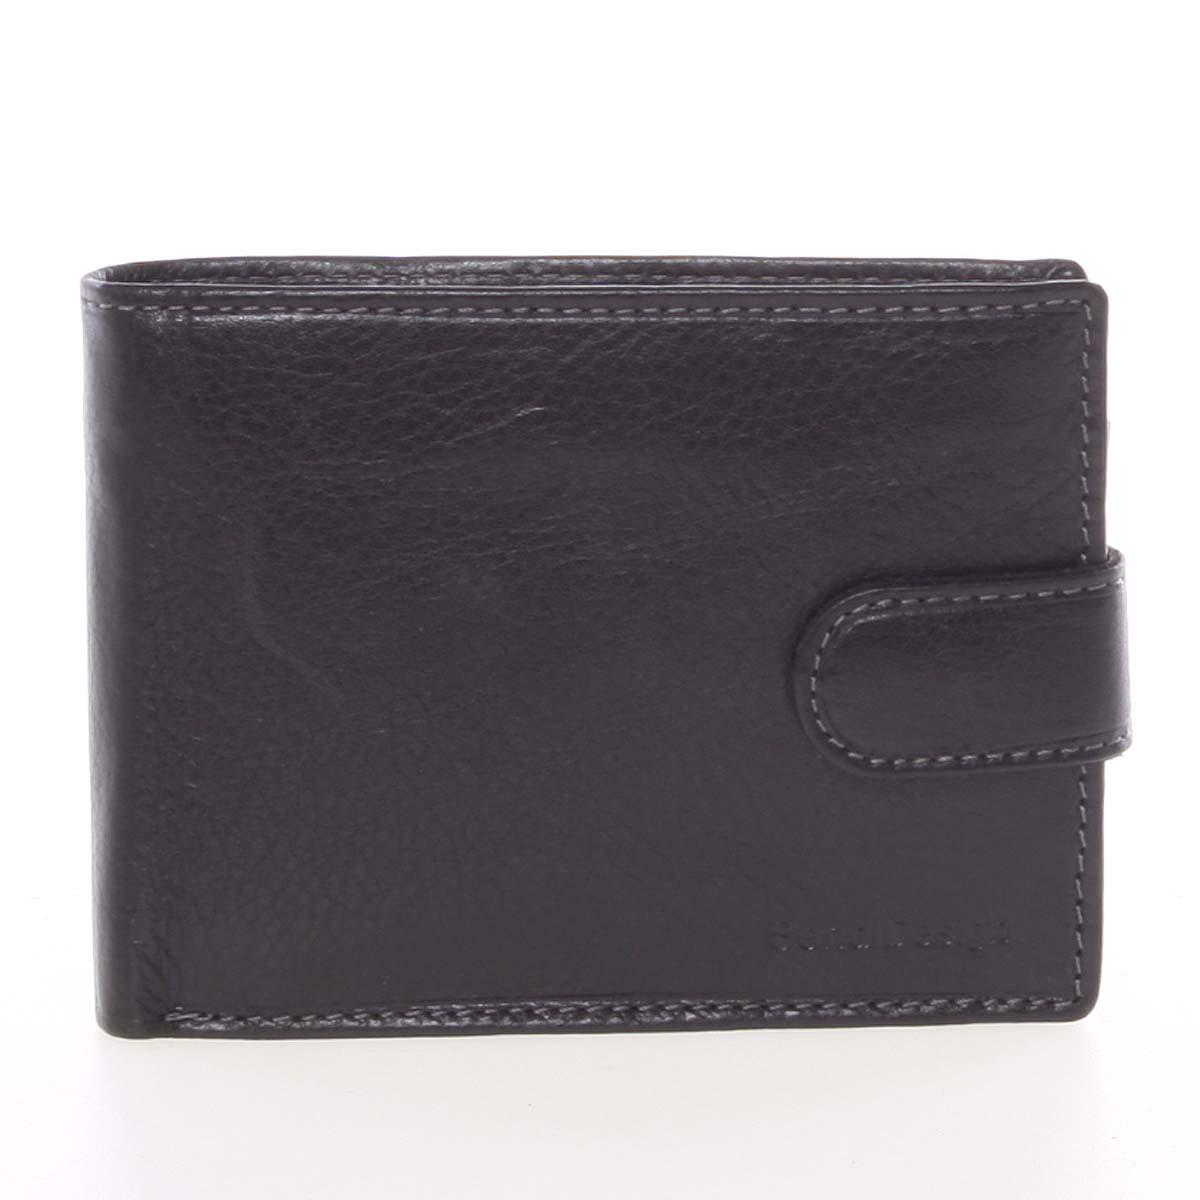 Pánská černá kožená peněženka se zápinkou - SendiDesign Prejem černá